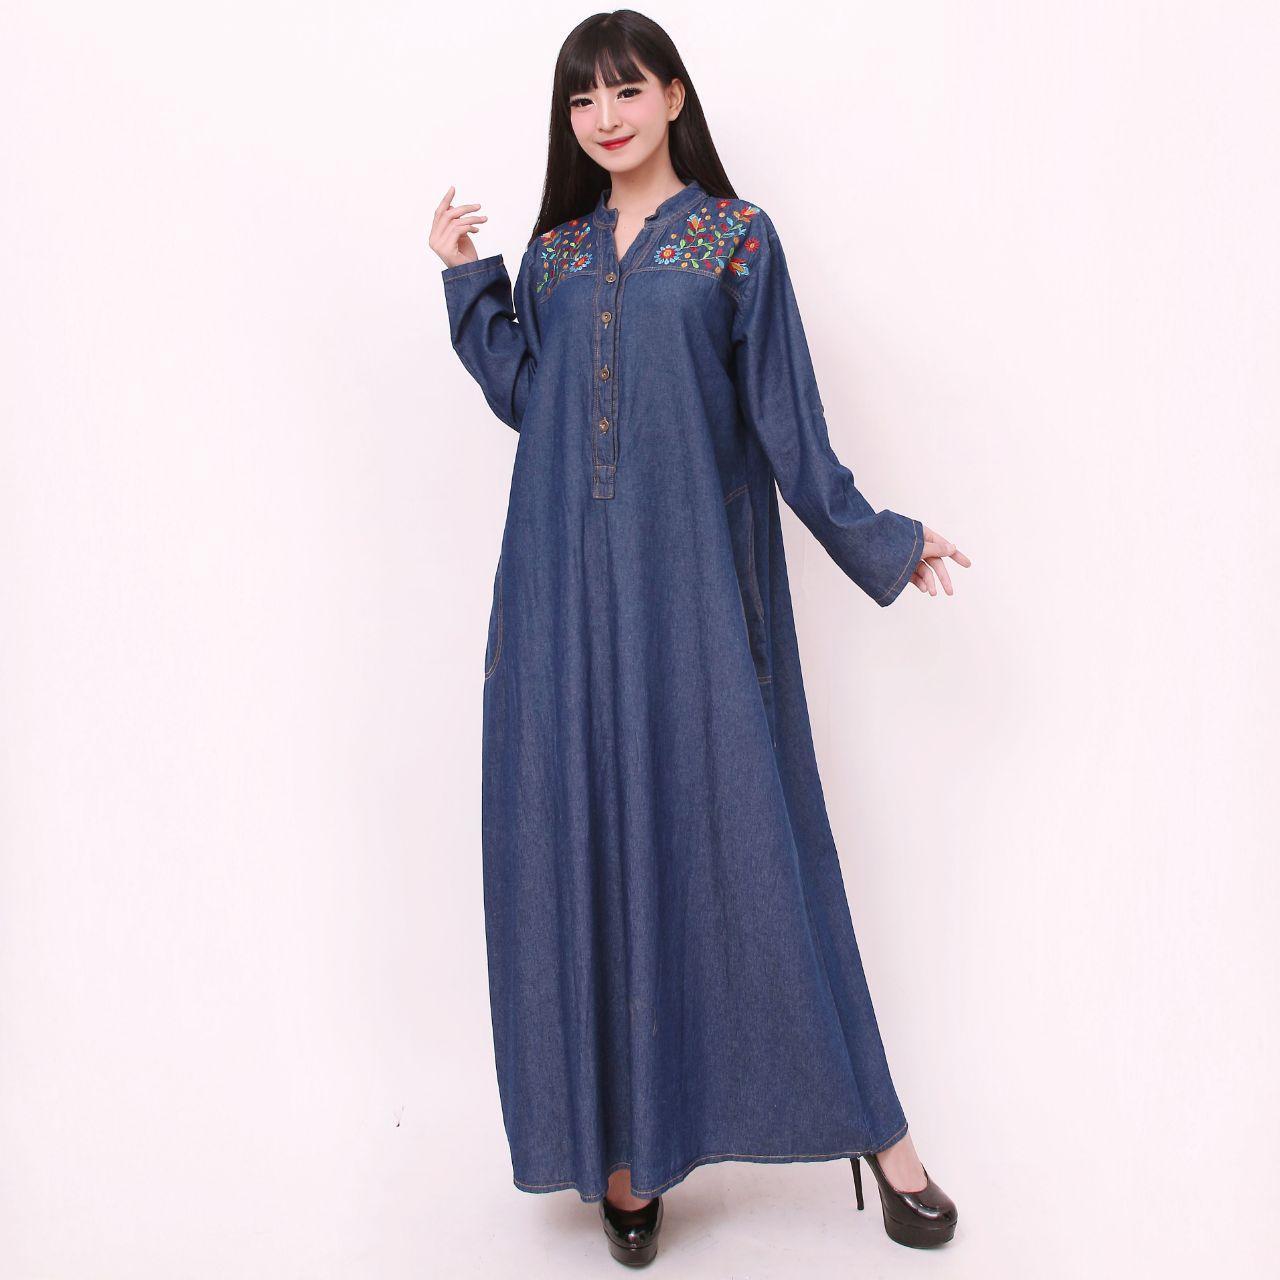 Jual Gaun Wanita Terbaik Manset Celana Panjang